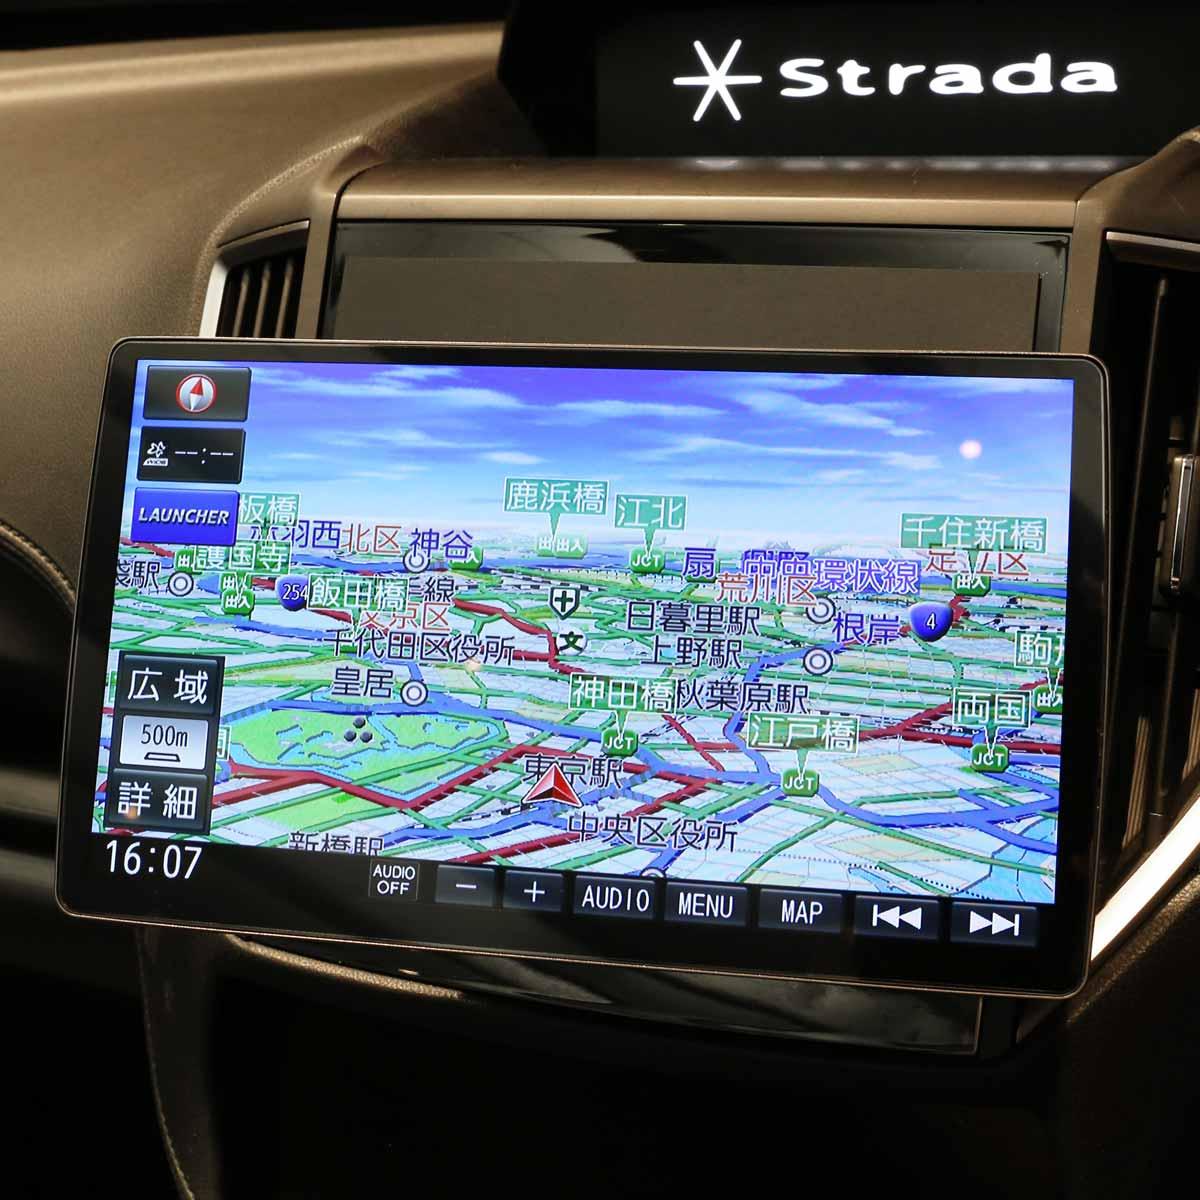 パナソニック 新型「ストラーダ」がついに10V型大画面に!その進化ぶりをチェック